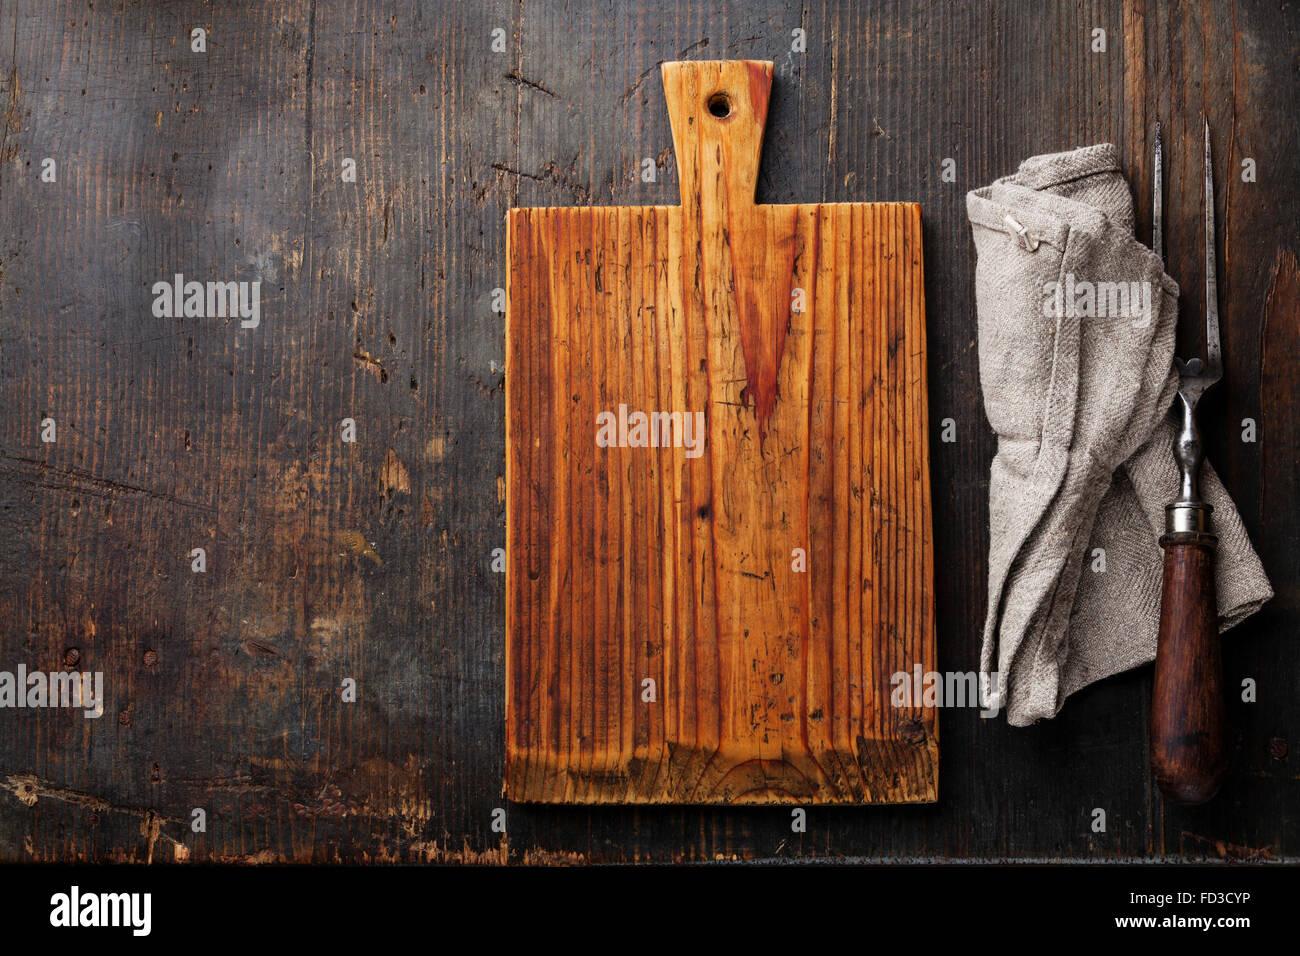 couteau à découper fourchette à viande et sur fond de bois foncé